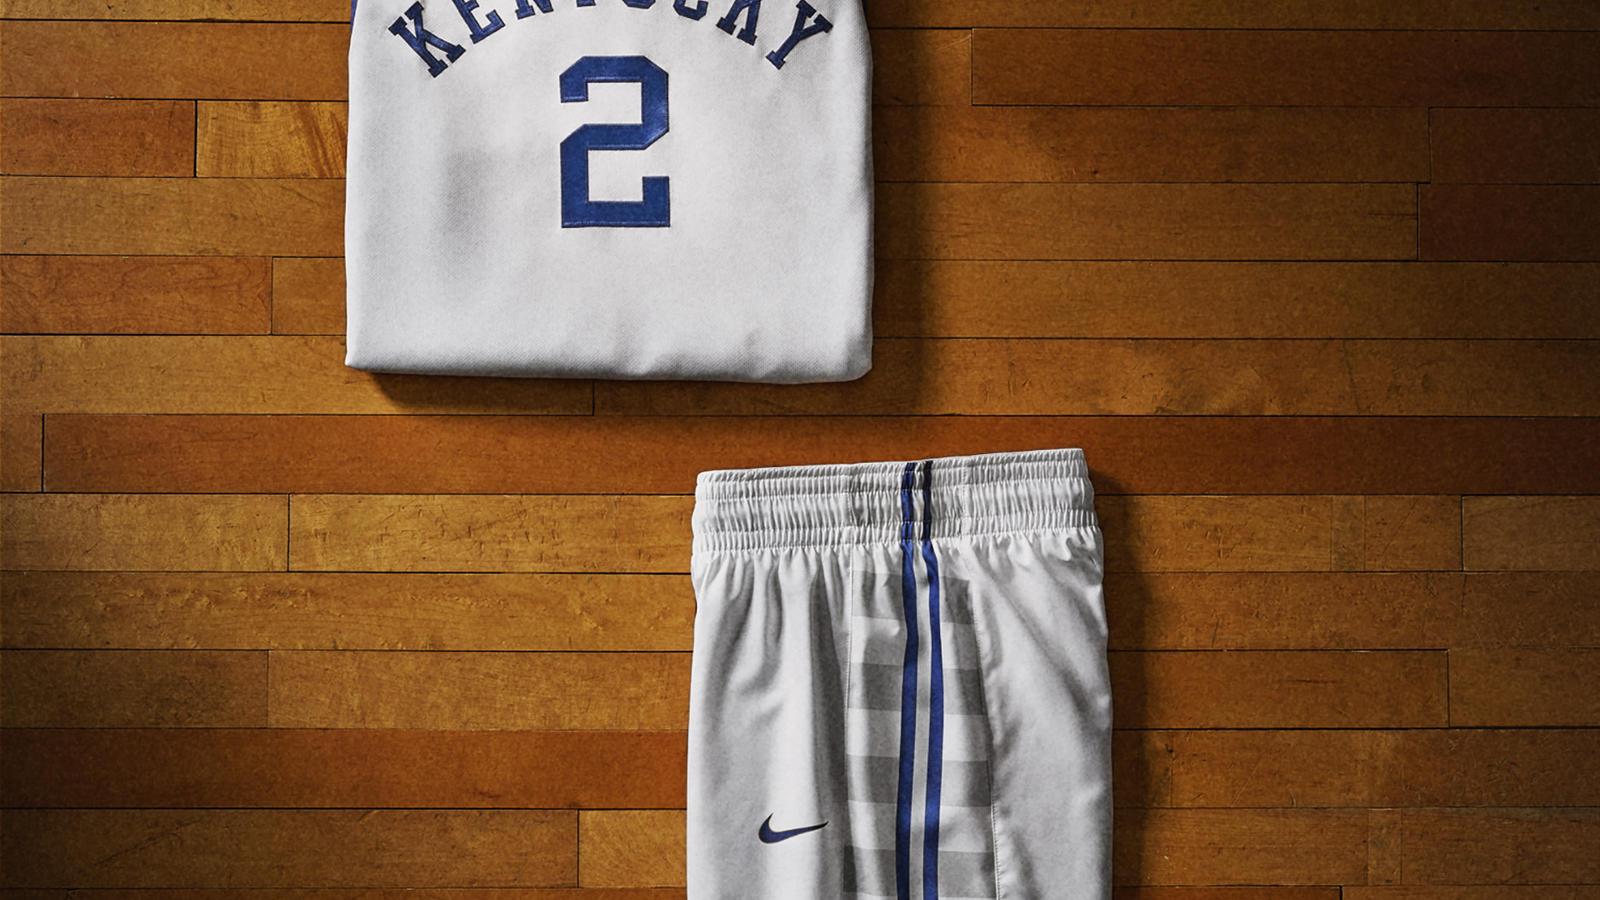 8b42747a7061 Kentucky short. nike 2014 ncaa bball kits ukwht det 5 v. Kentucky uniform  main